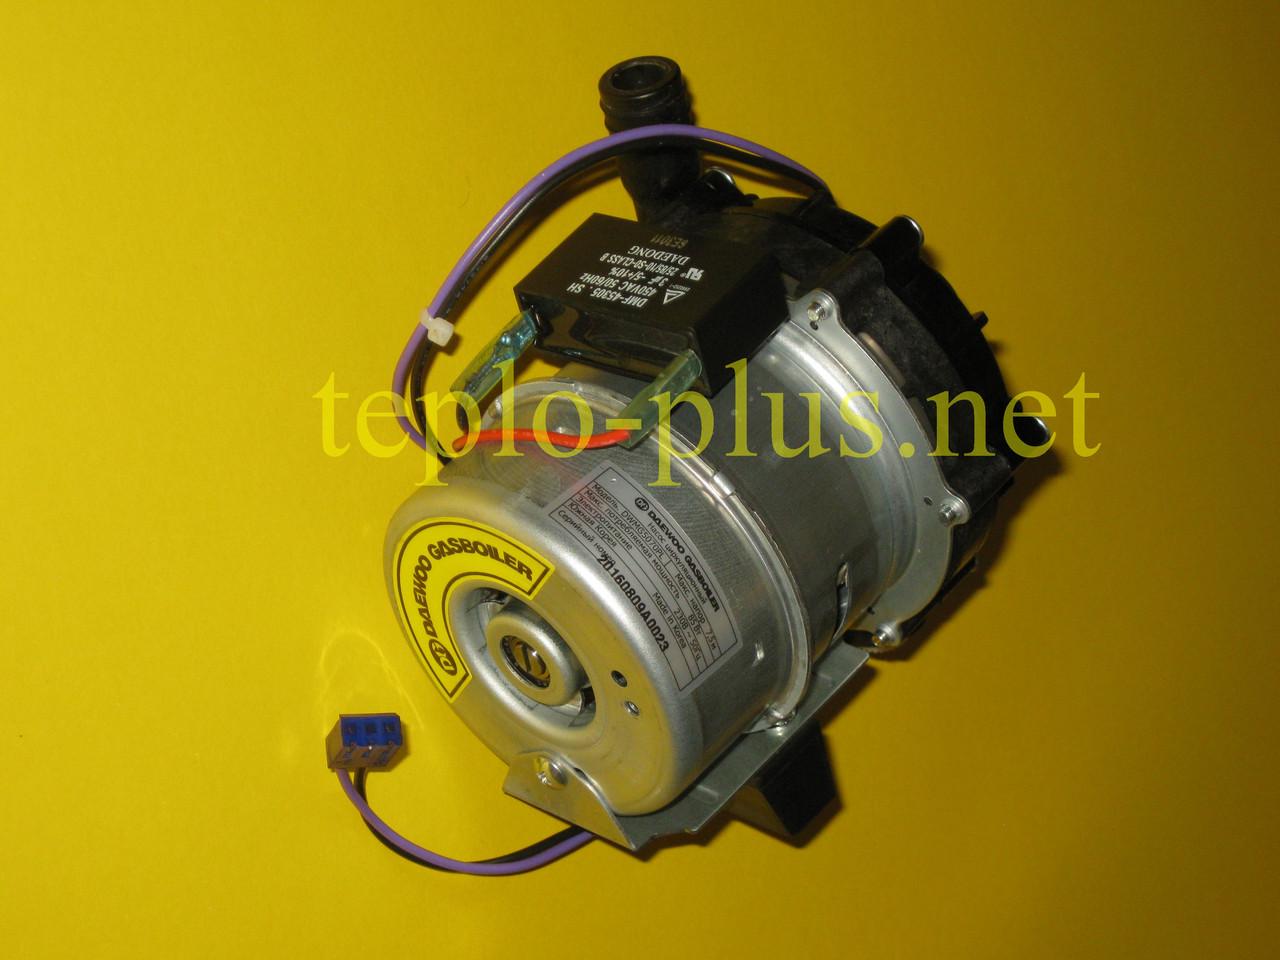 Насос DWMG5070PL (аналог DMP-7535) Daewoo Gasboiler DGB-100, 130, 160, 200, 250, 300 MSC/MES